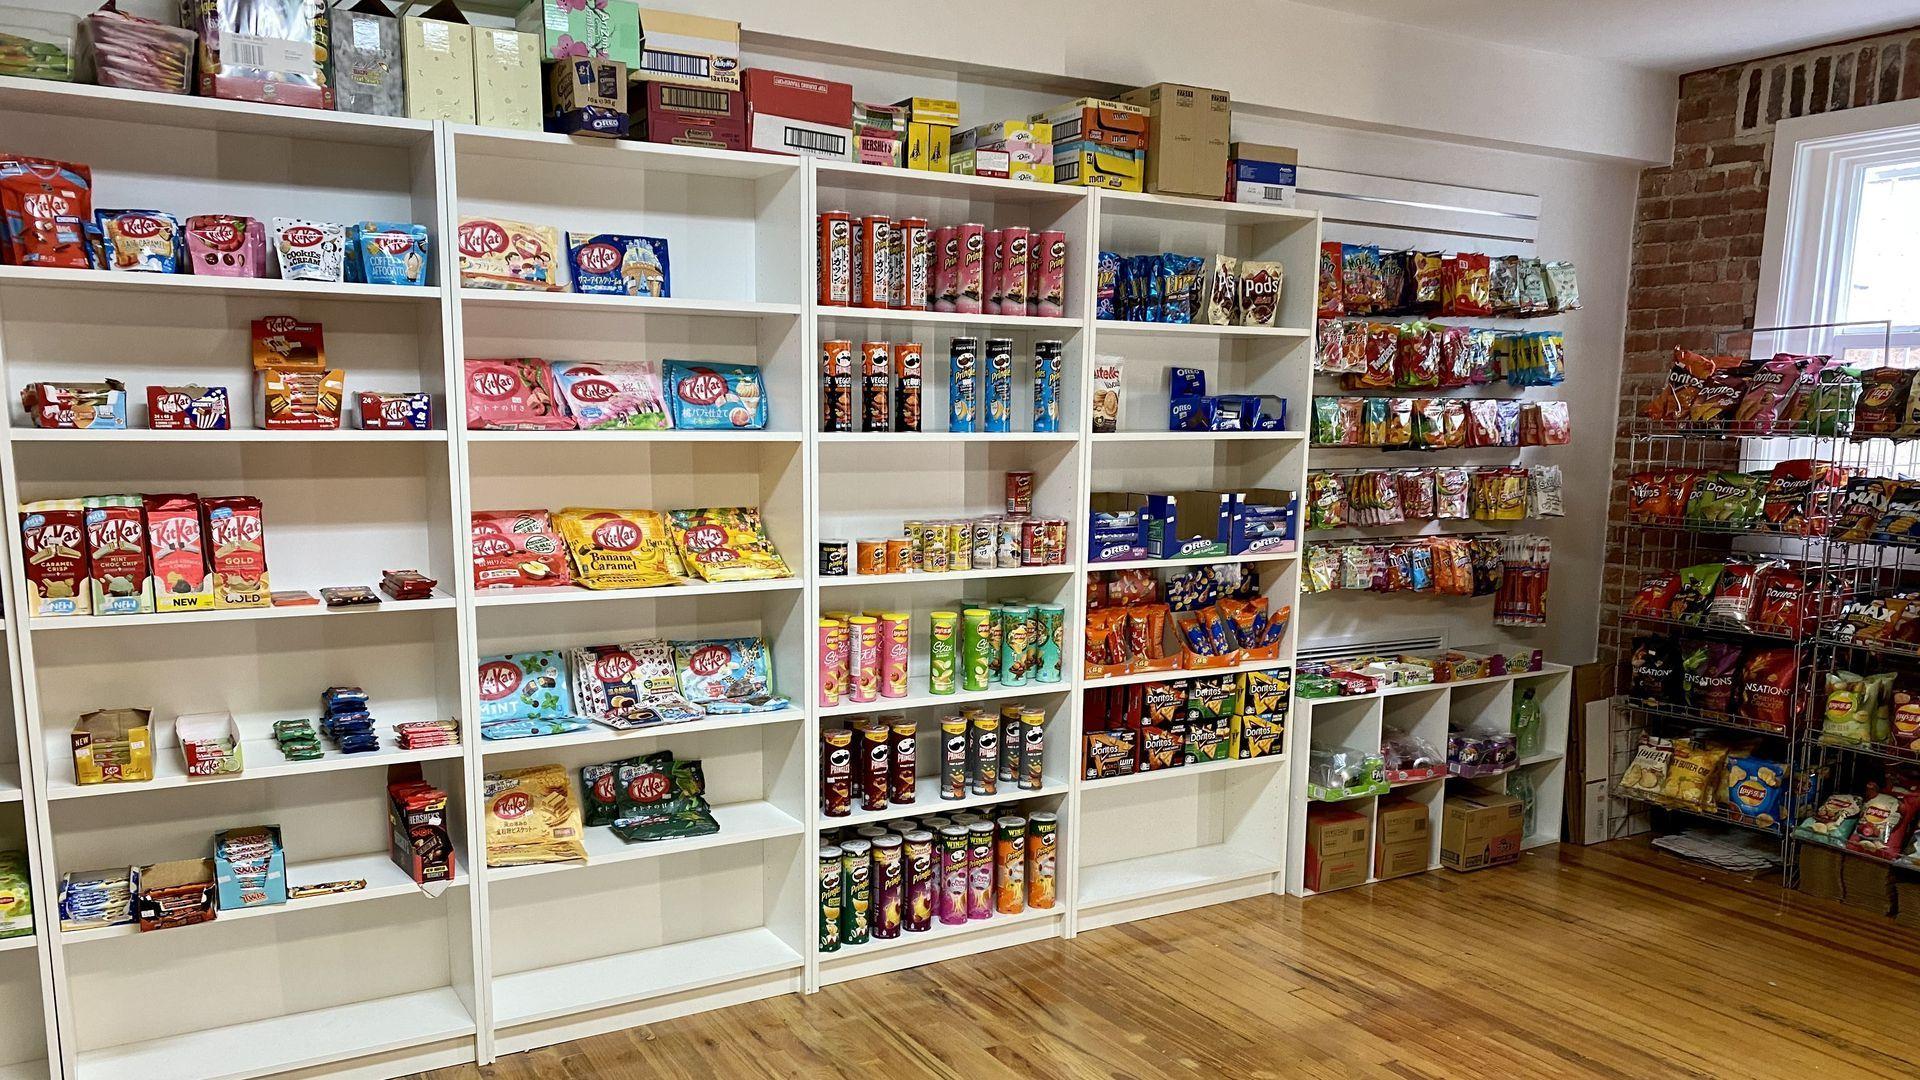 Shelves full of snacks at It's A Bodega